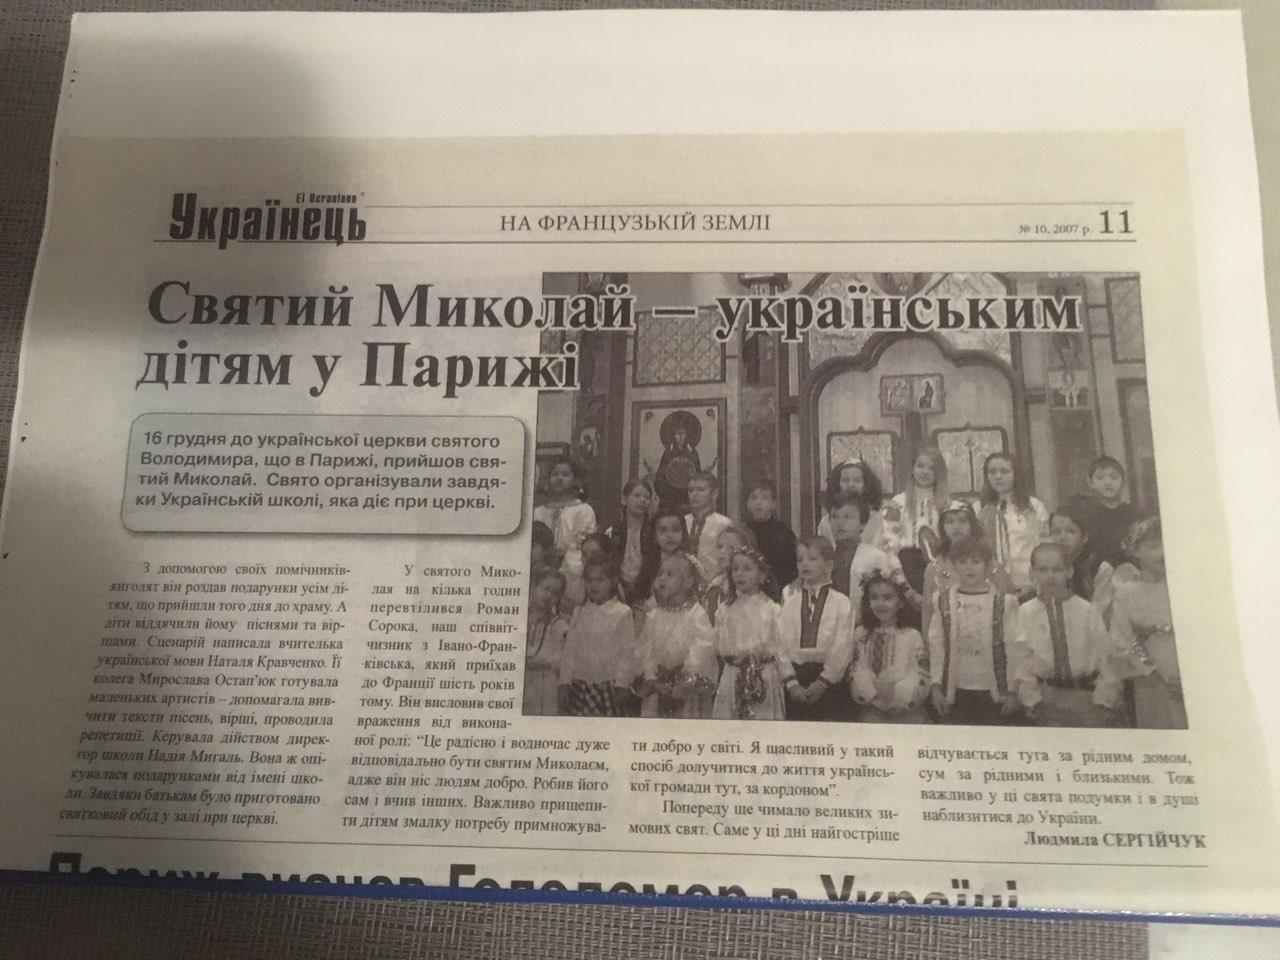 Ukrainets_200710_11